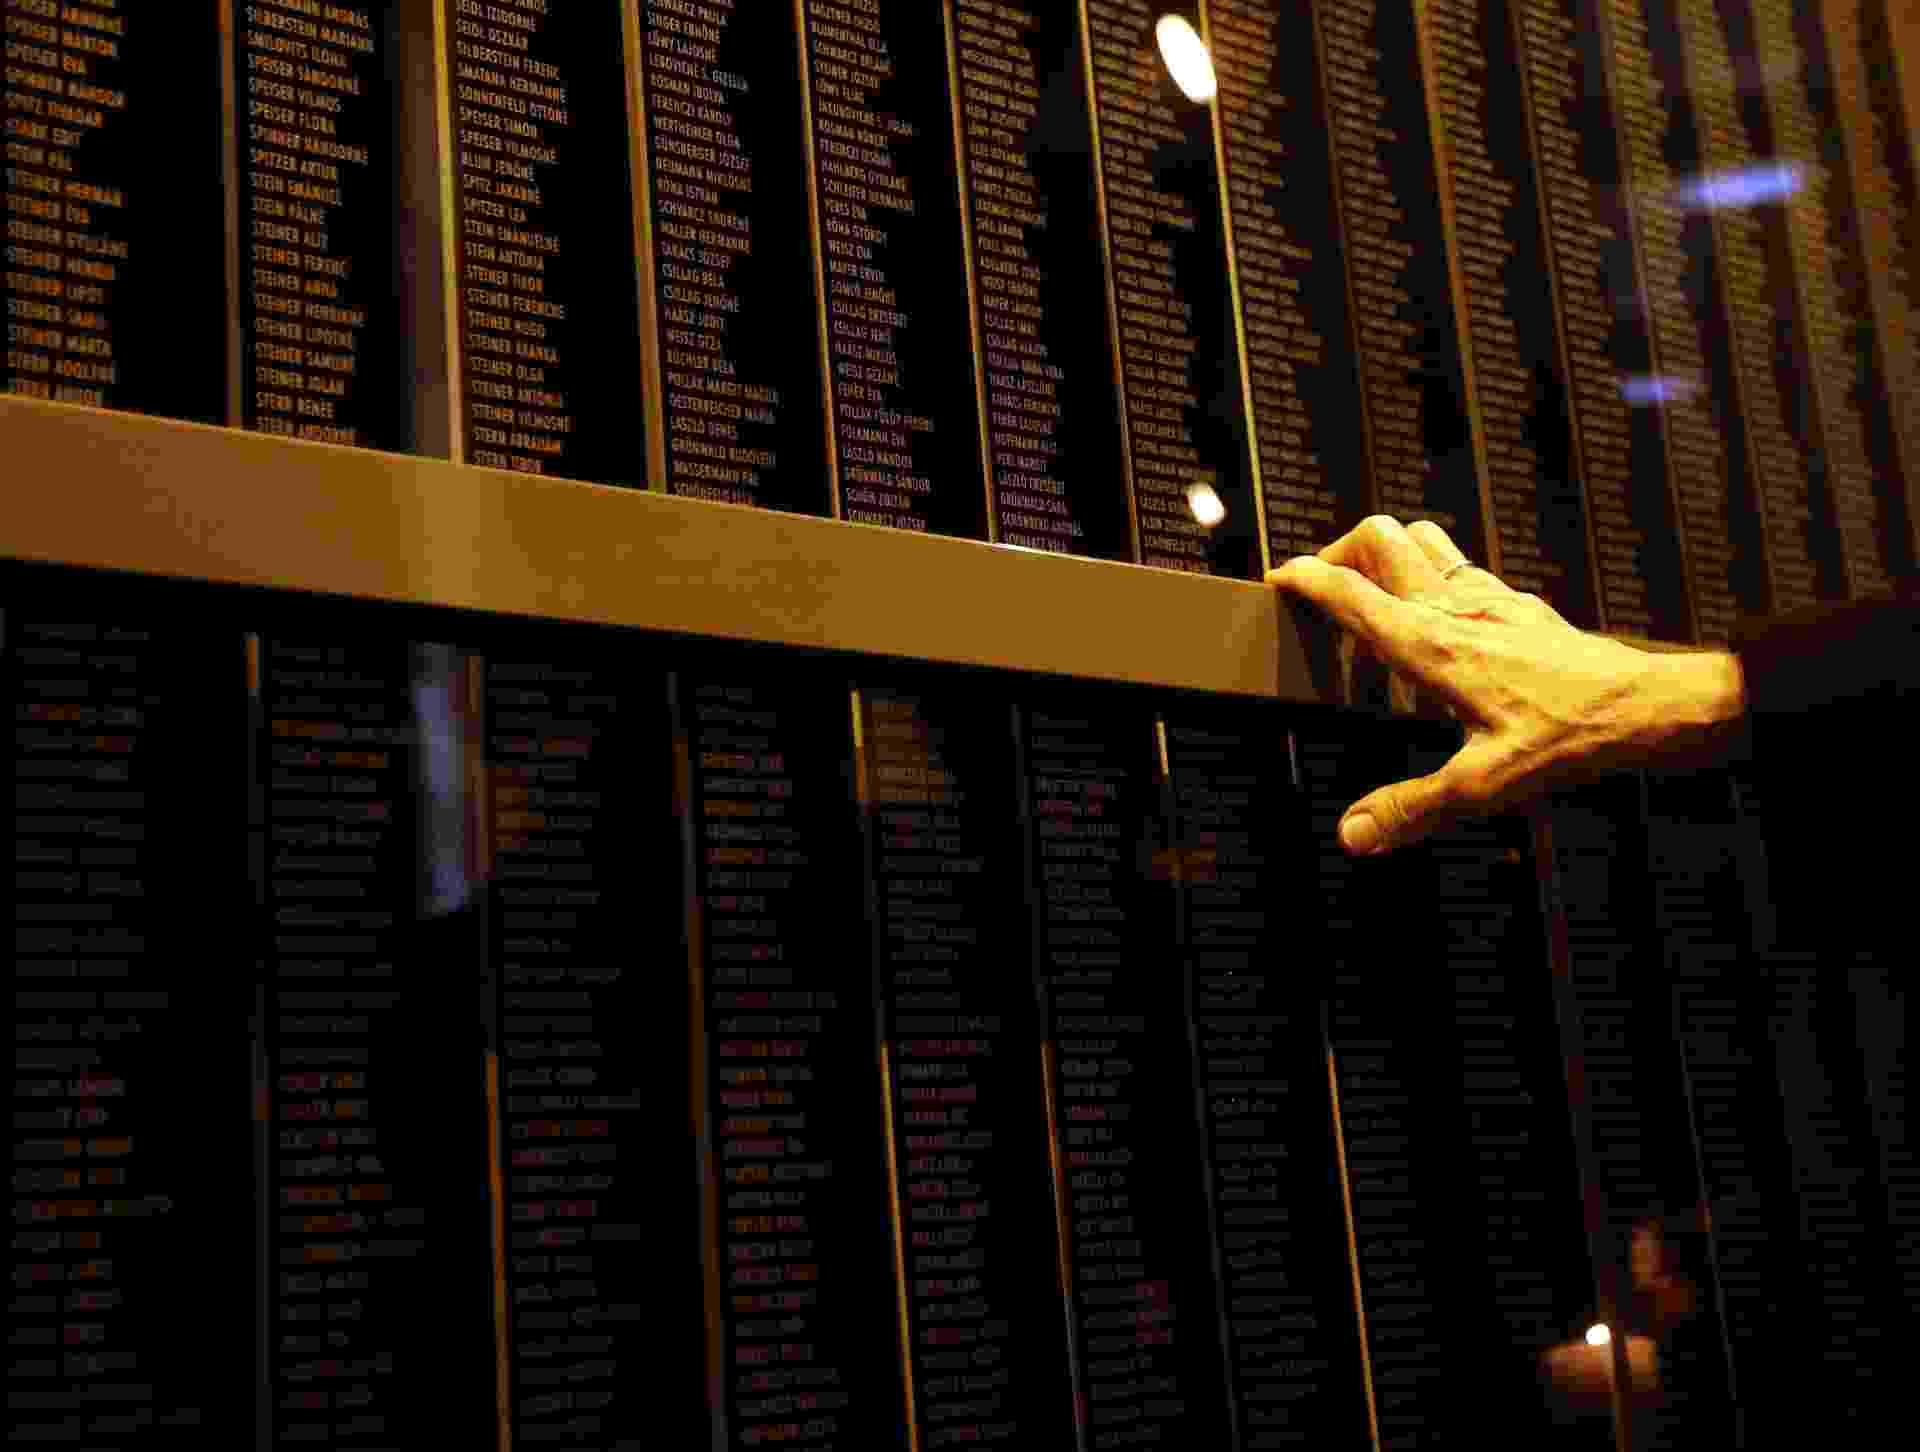 27.jan.2014 - Idoso toca o muro em que estão gravados os nomes das vítimas do regime nazista no Memorial do Holocausto de Budapeste, na Hungria. O dia da libertação do campo de concentração de Auschwitz lembra os seis milhões de judeus mortos no genocídio, sendo que mais de meio milhão eram húngaros - Laszlo Balogh/Reuters